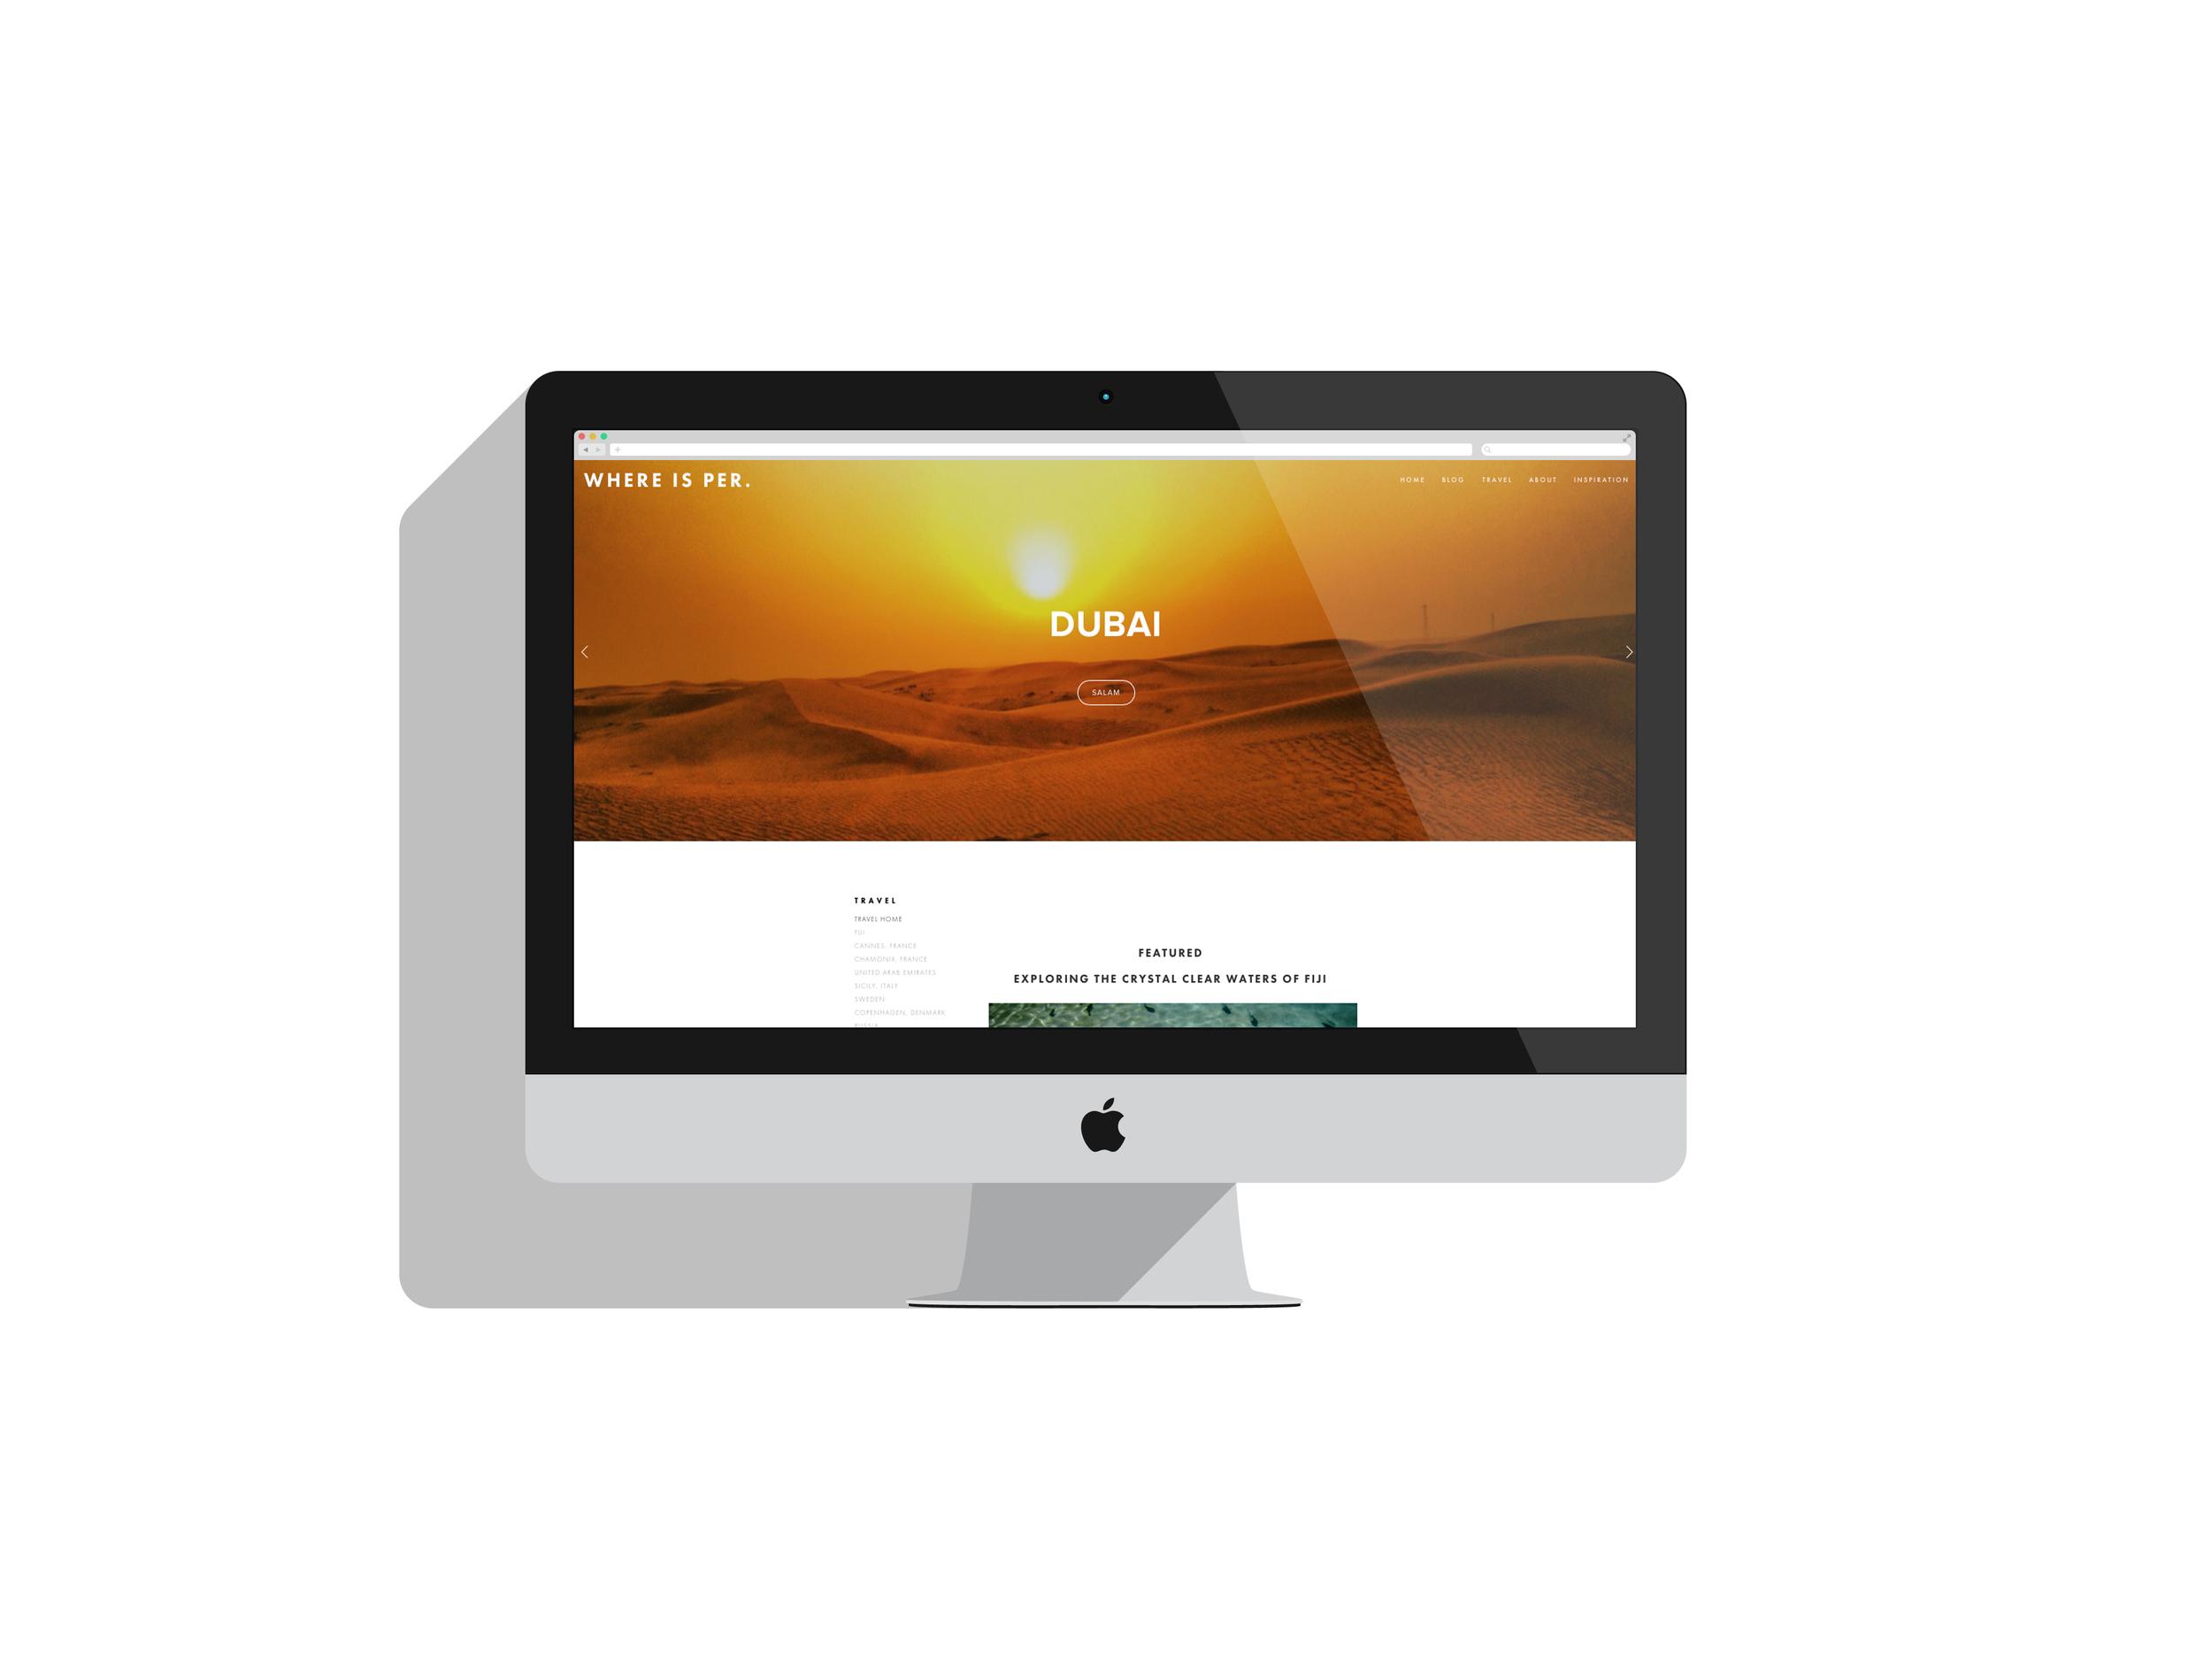 WIP_1_iMac-Flat-Mockup.jpg